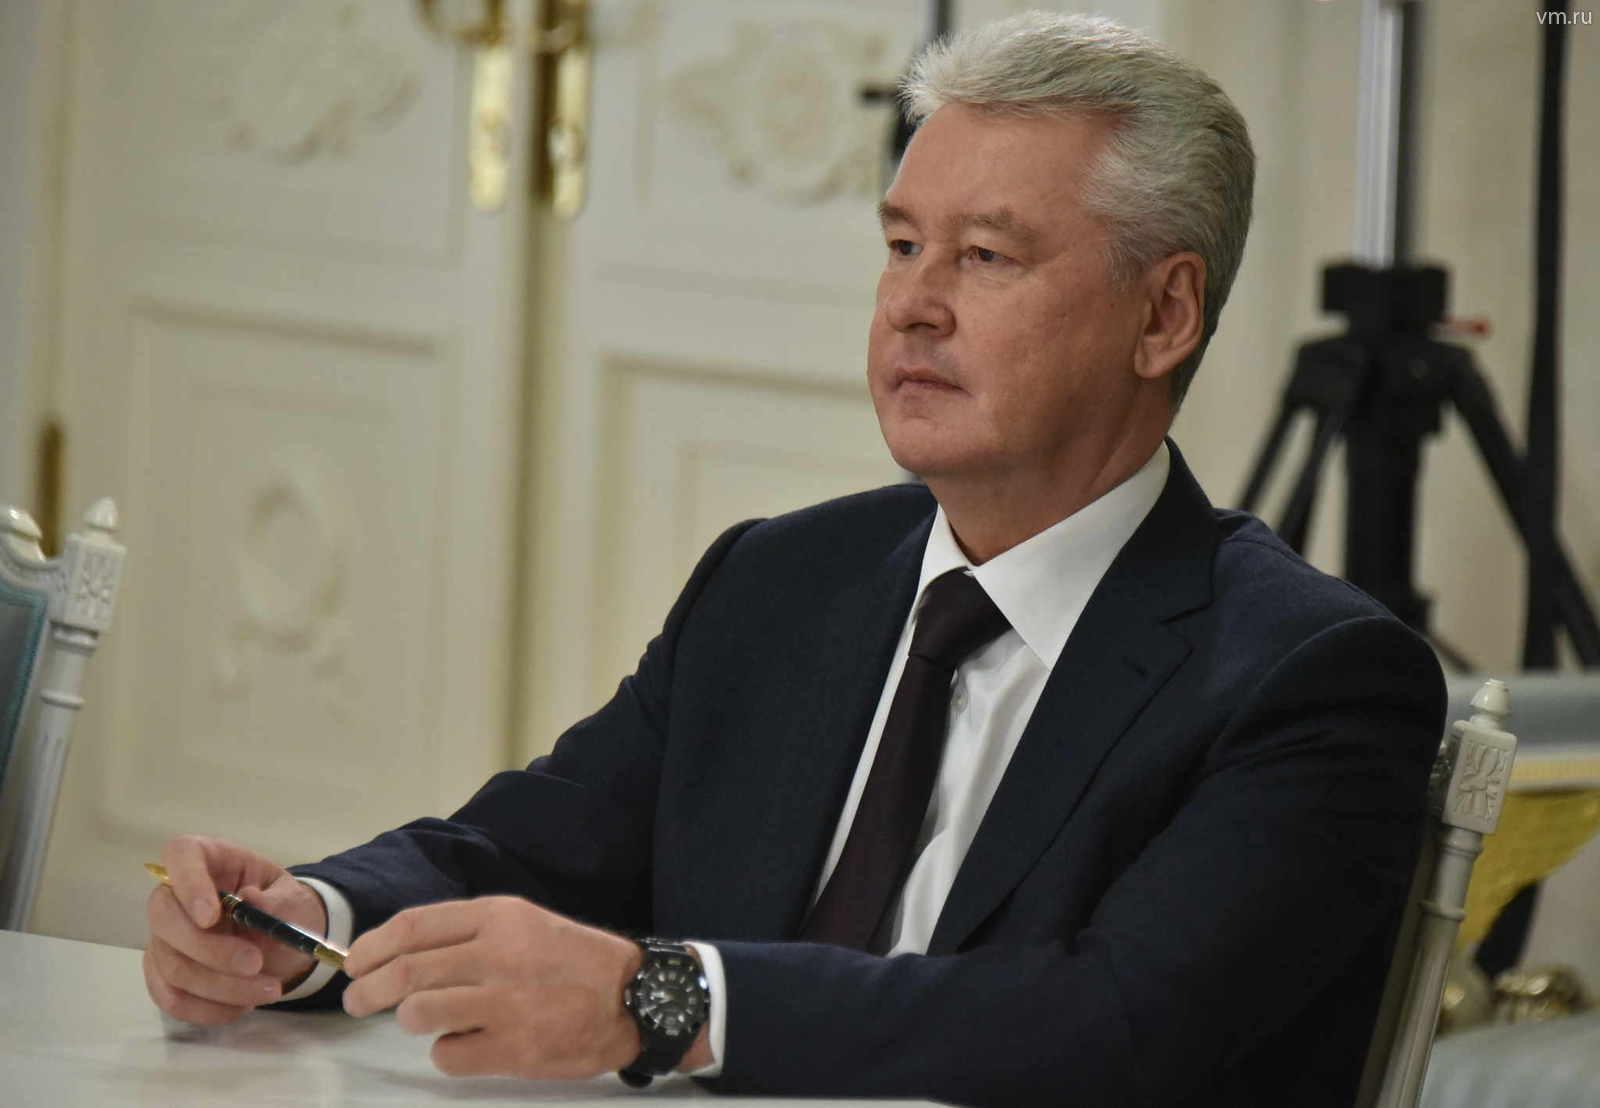 Собянин утвердил наименования девяти станций Троицкой линии метро